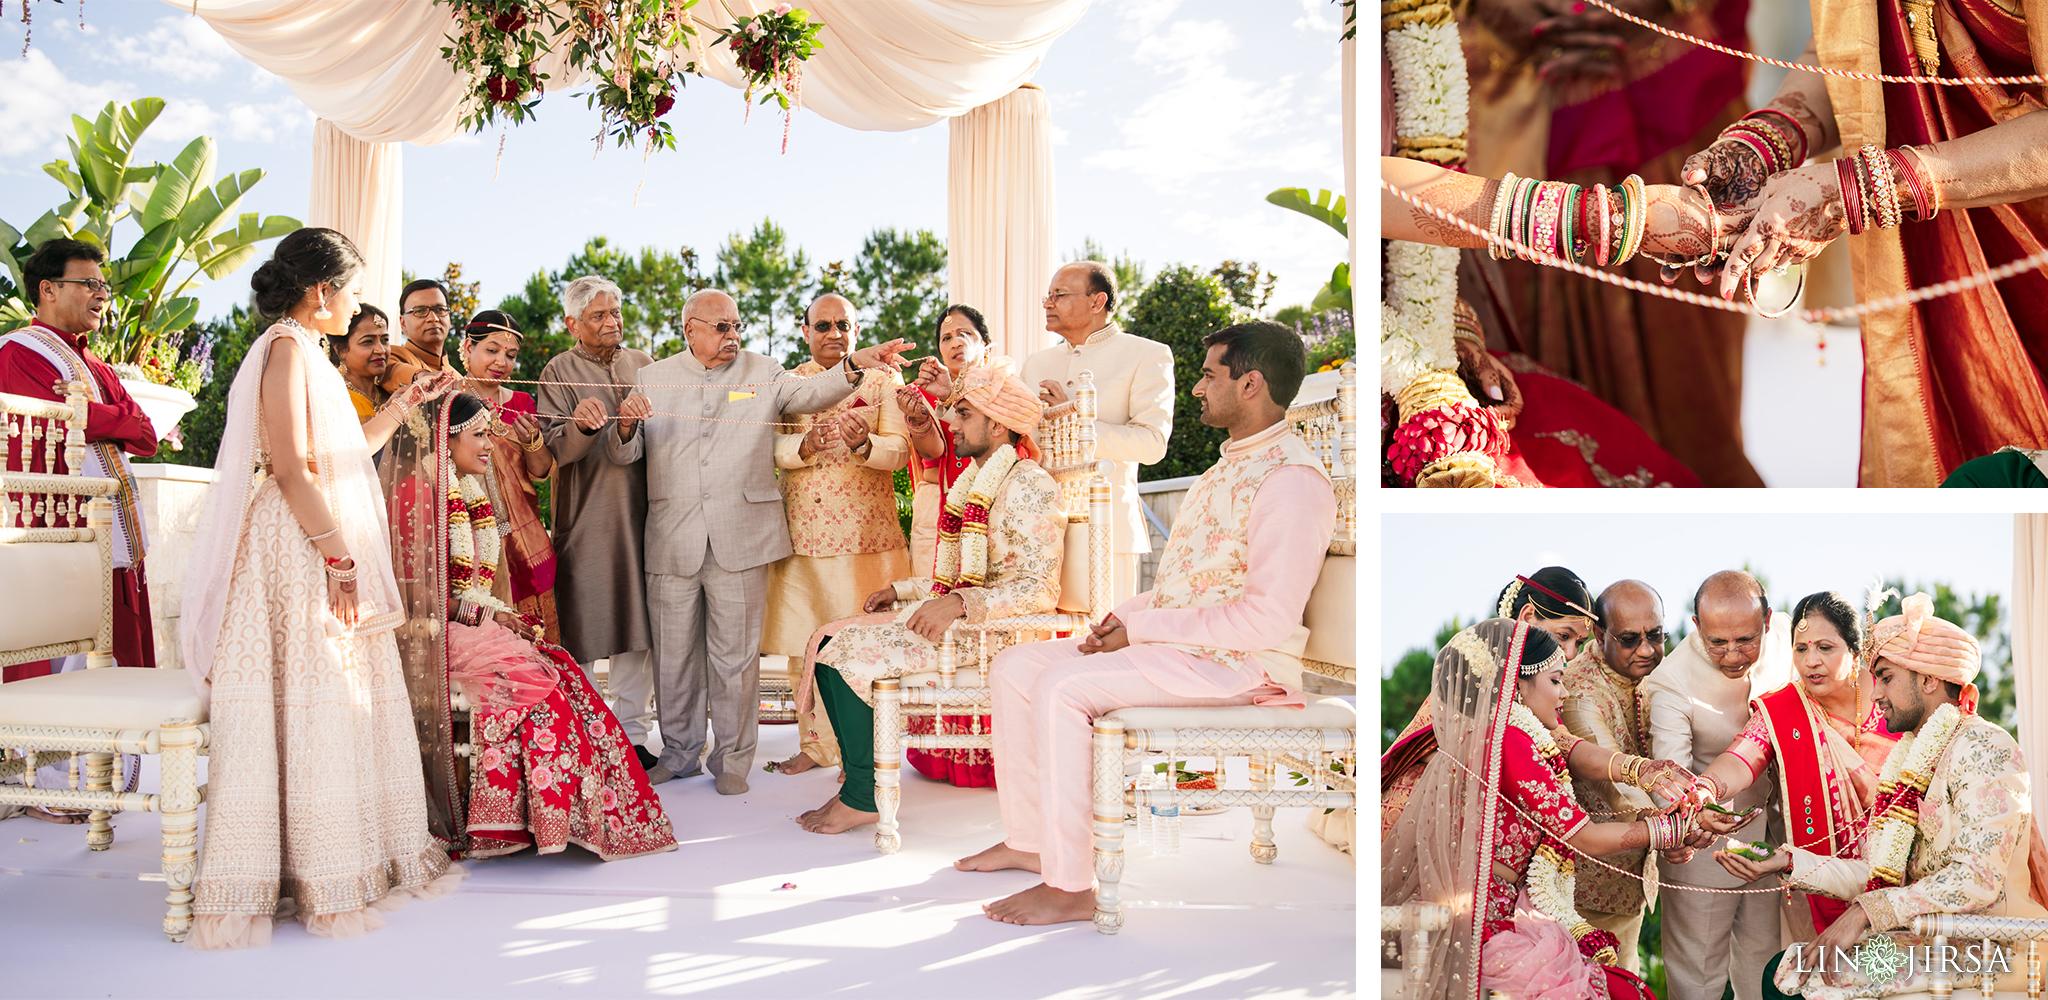 22 The Hilton Orlando Florida Indian Wedding Photography